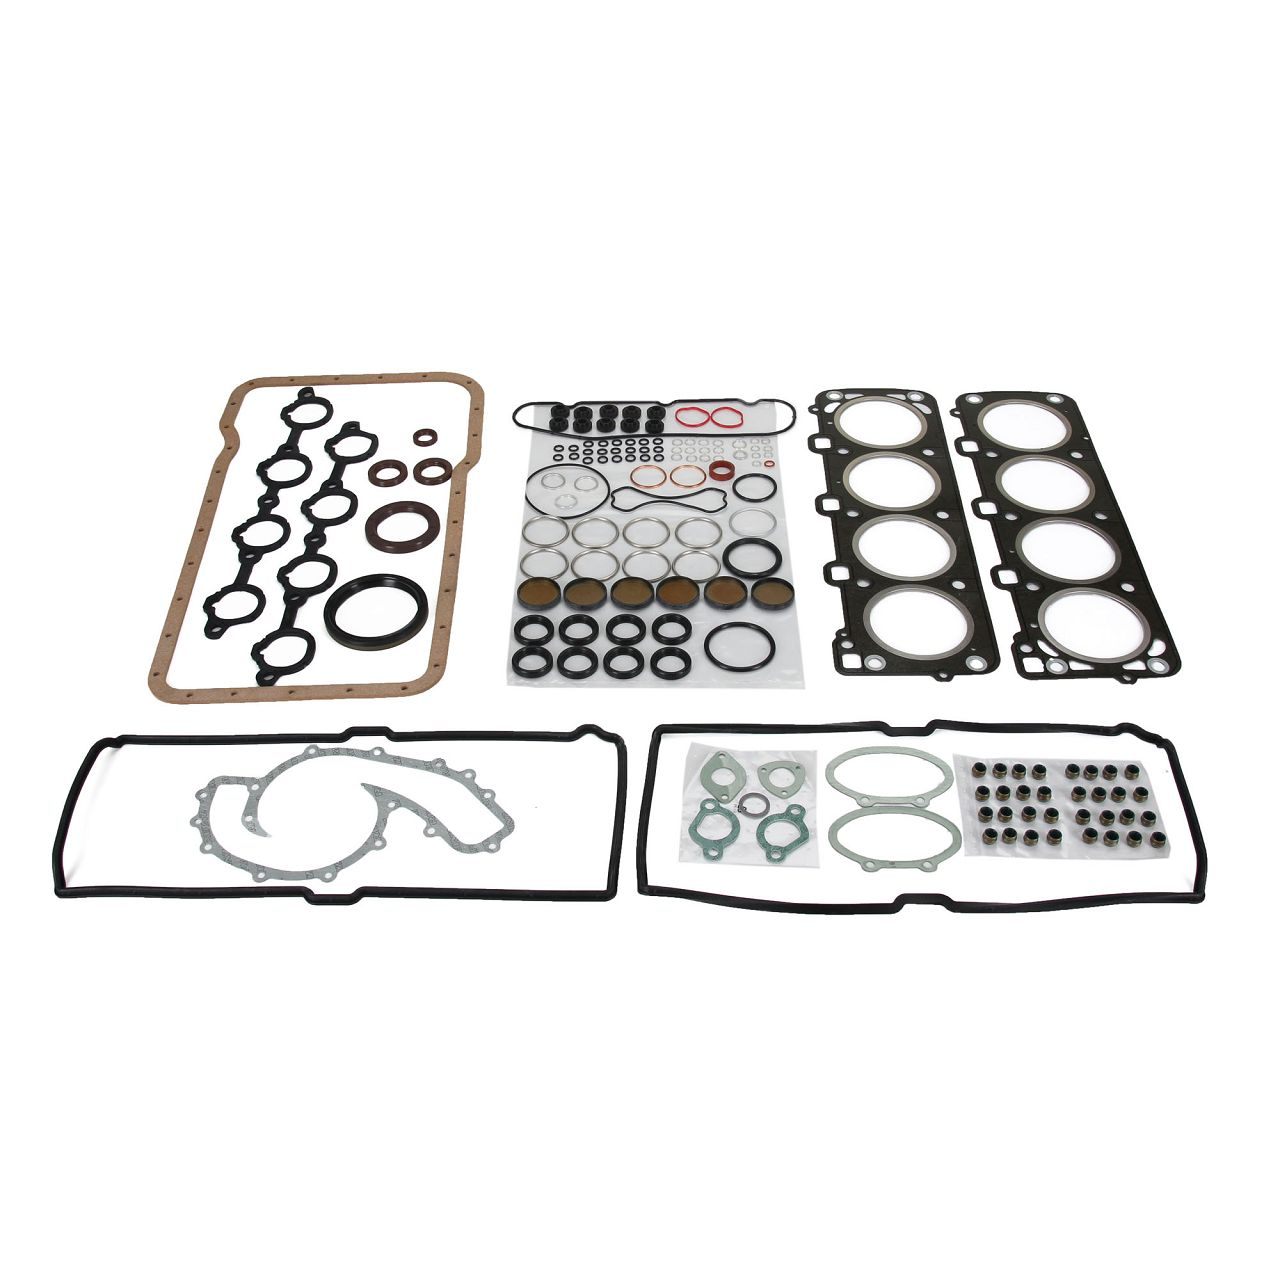 REINZ 01-26035-04 Motordichtungssatz für PORSCHE 928 5.0 S/S4 5.0 GT 92810090104